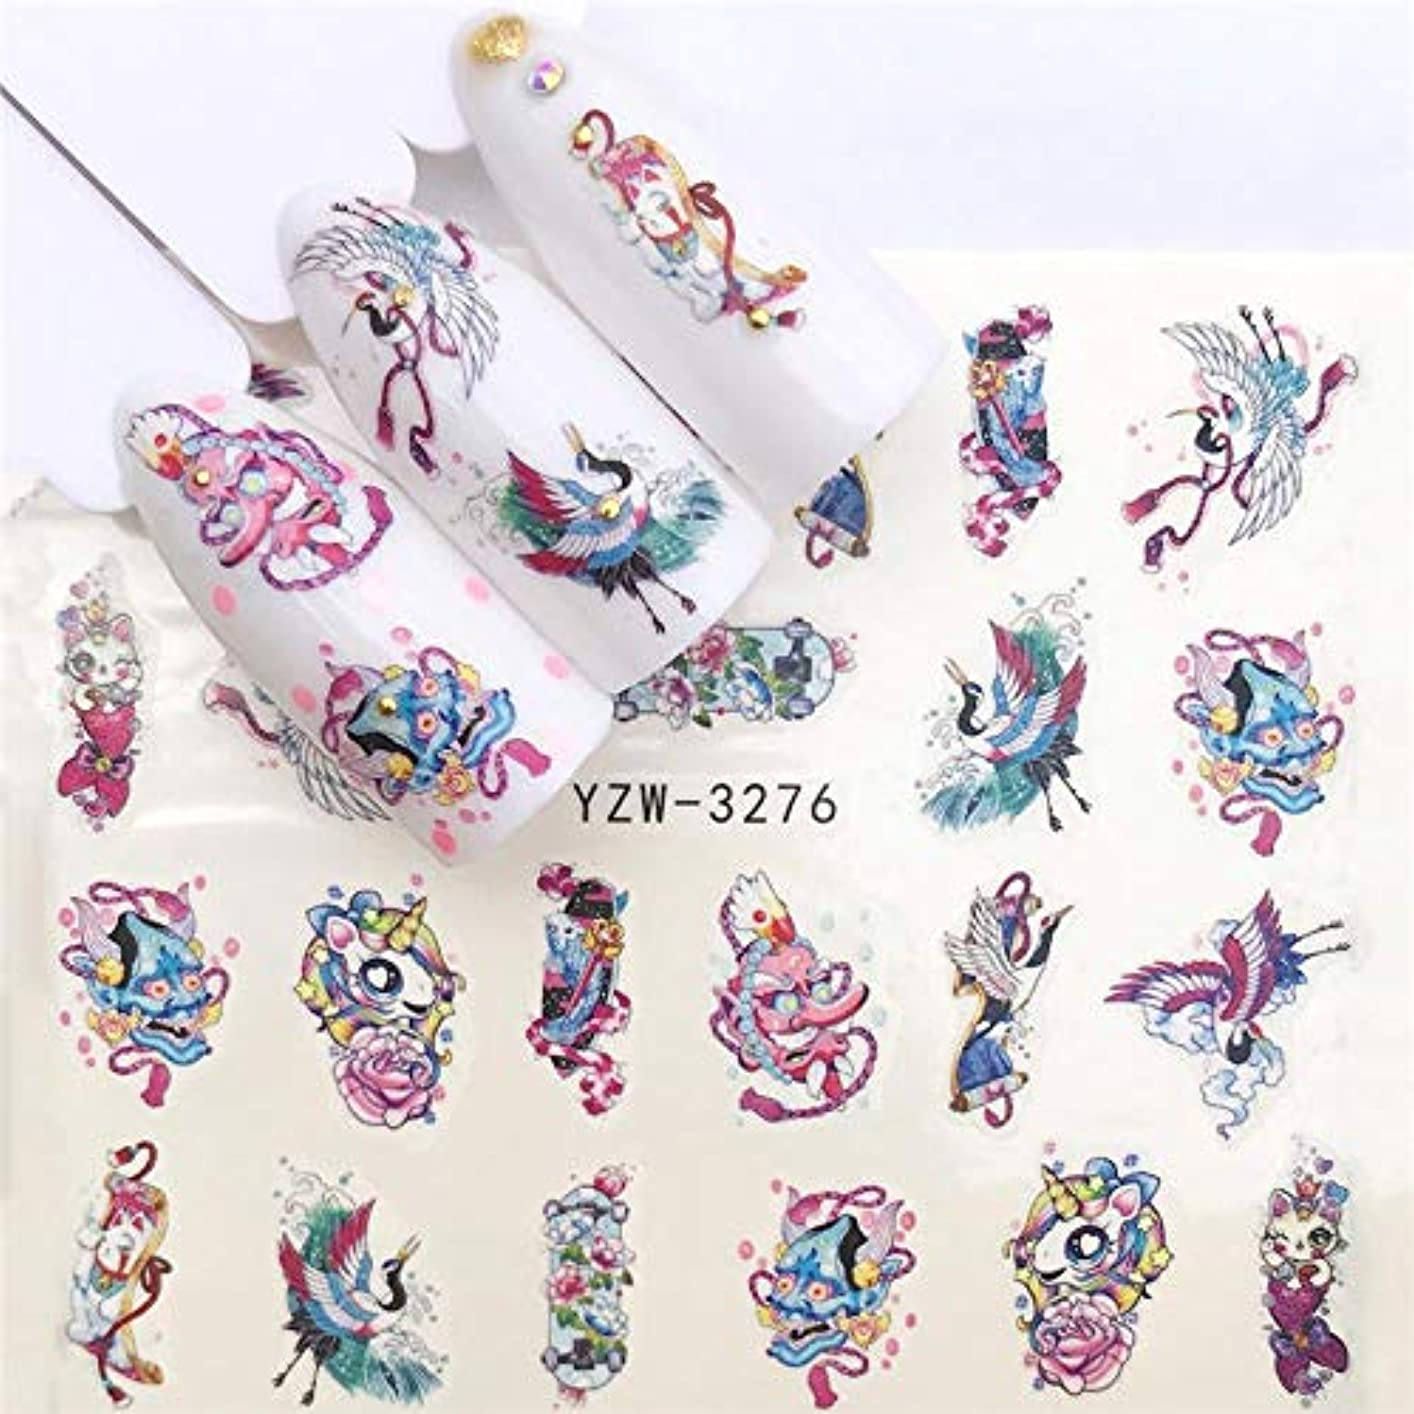 拡張バンク波紋SUKTI&XIAO ネイルステッカー 1ピースネイルステッカーフルーツドリンク水デカールラップ漫画北欧植物デザインスライダー用ネイルデコレーションマニキュアカラフルなヒント、Yzw-3276